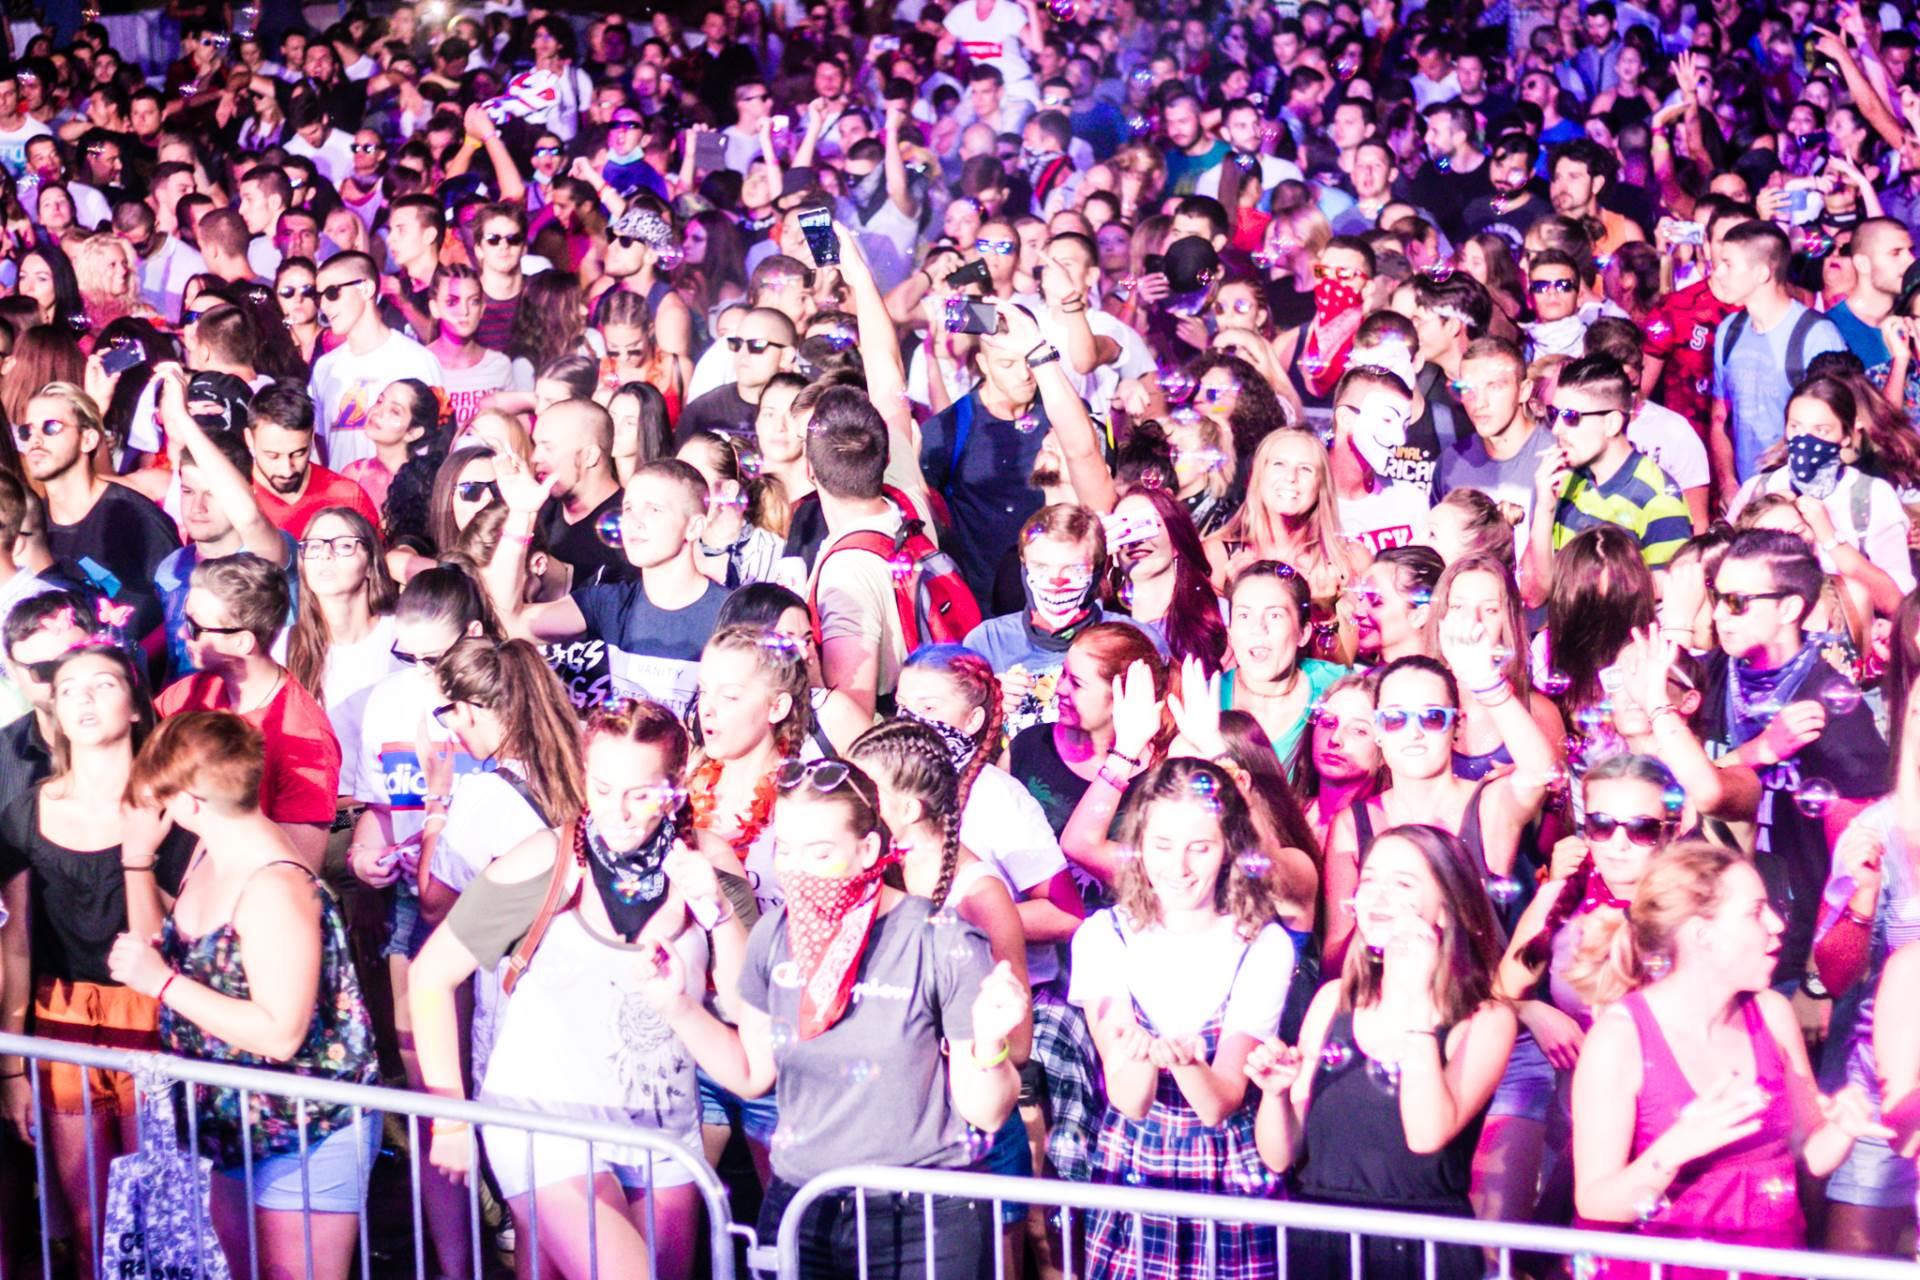 freshwave, fresh wave, festival, publika, masa